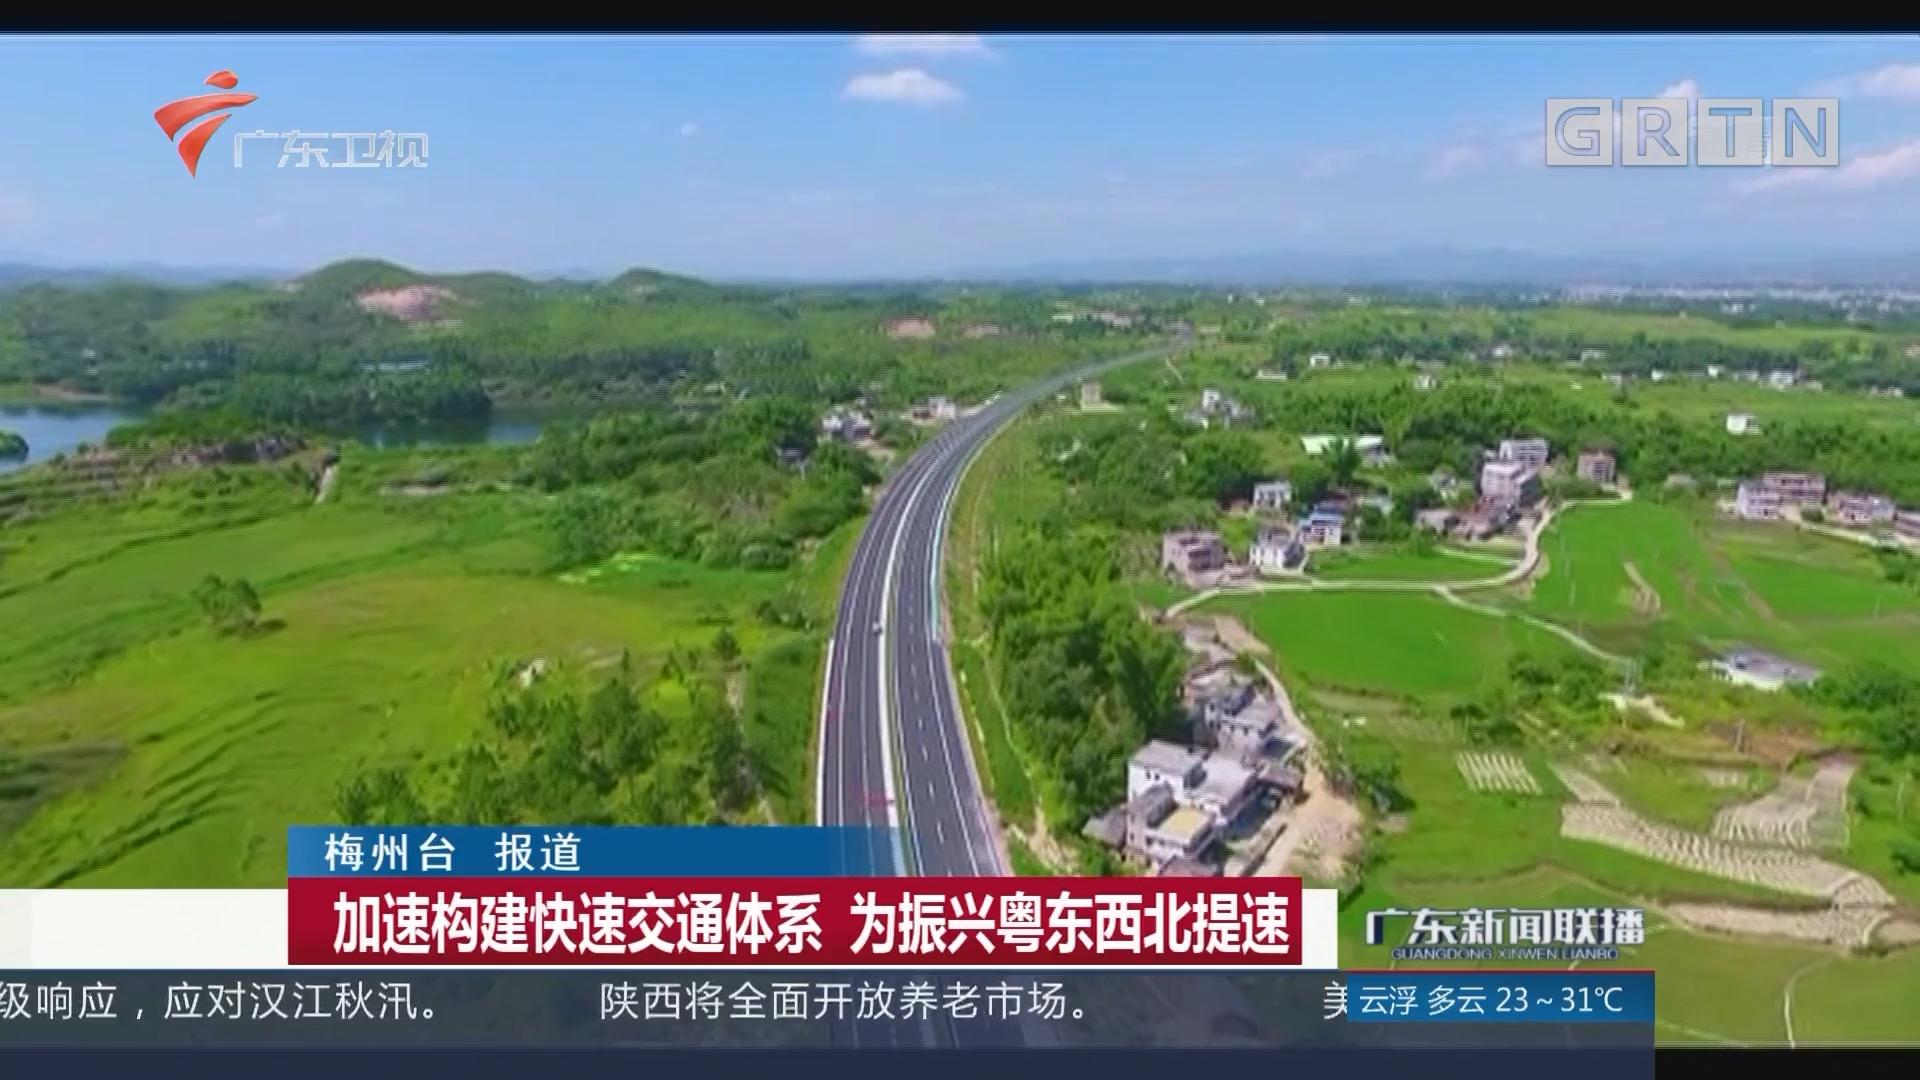 加速构建快速交通体系 为振兴粤东西北提速